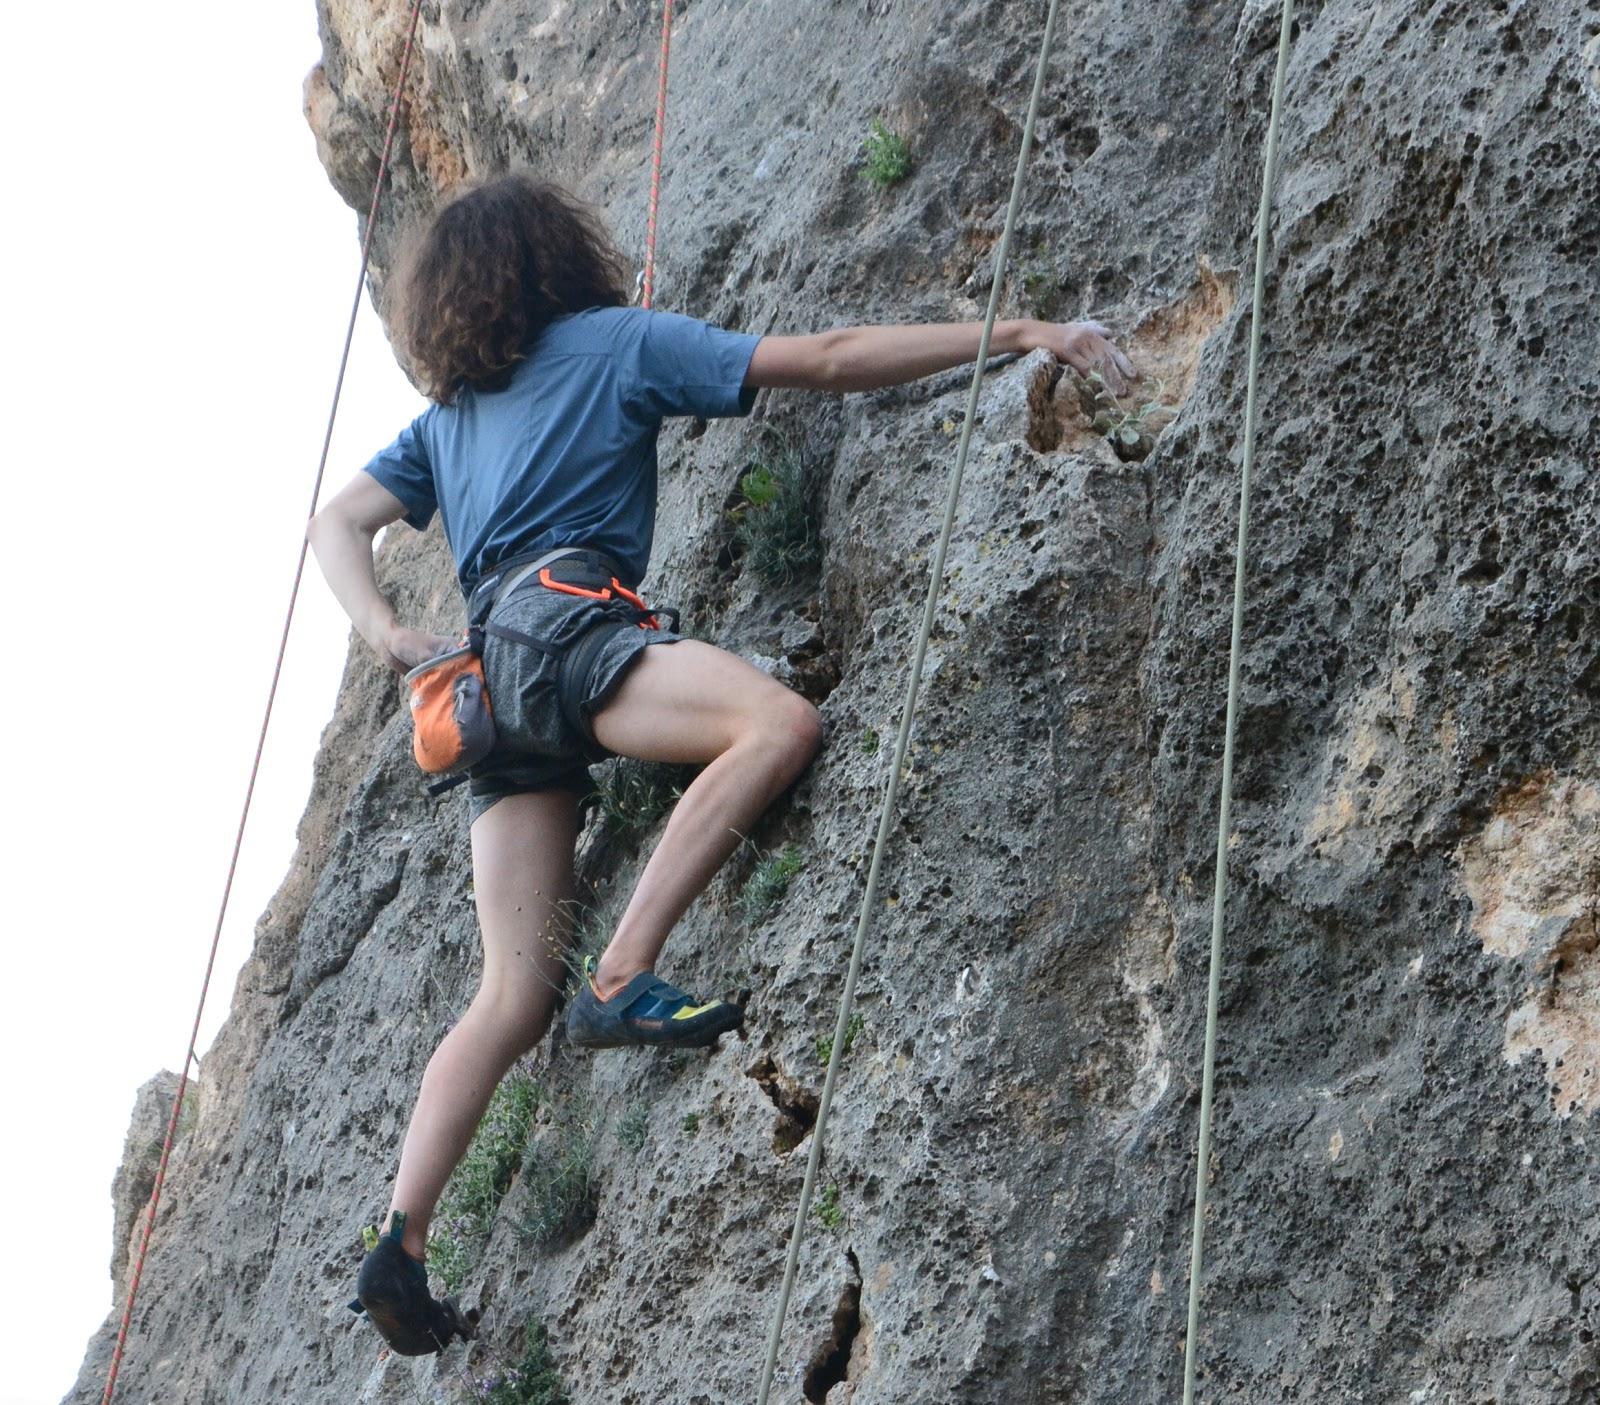 Selim Ölçüoğlu Geyikbayırı Kaya Tırmanışı